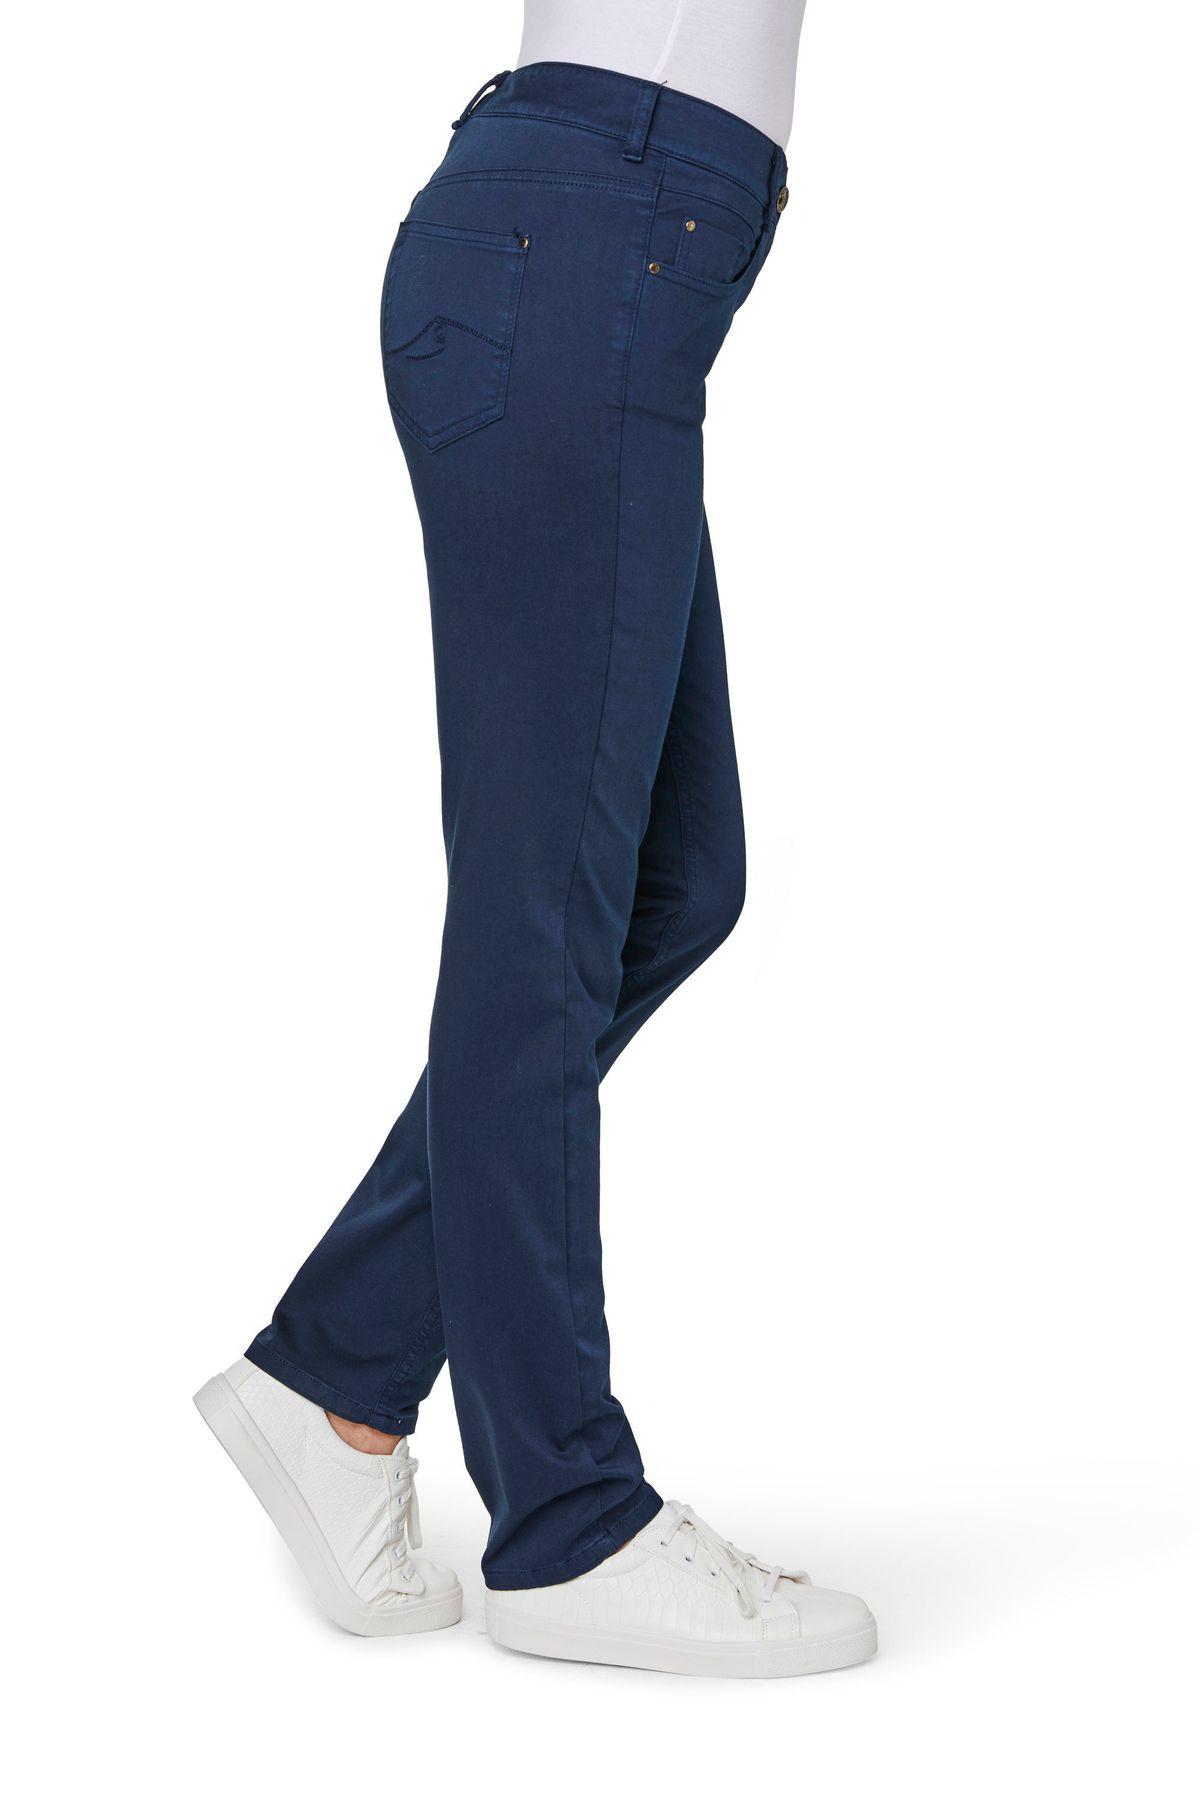 Atelier Gardeur - Slim Fit - Damen 5-Pocket aus Baumwollsatin, verschiedene Farben - Zuri (080501) – Bild 6